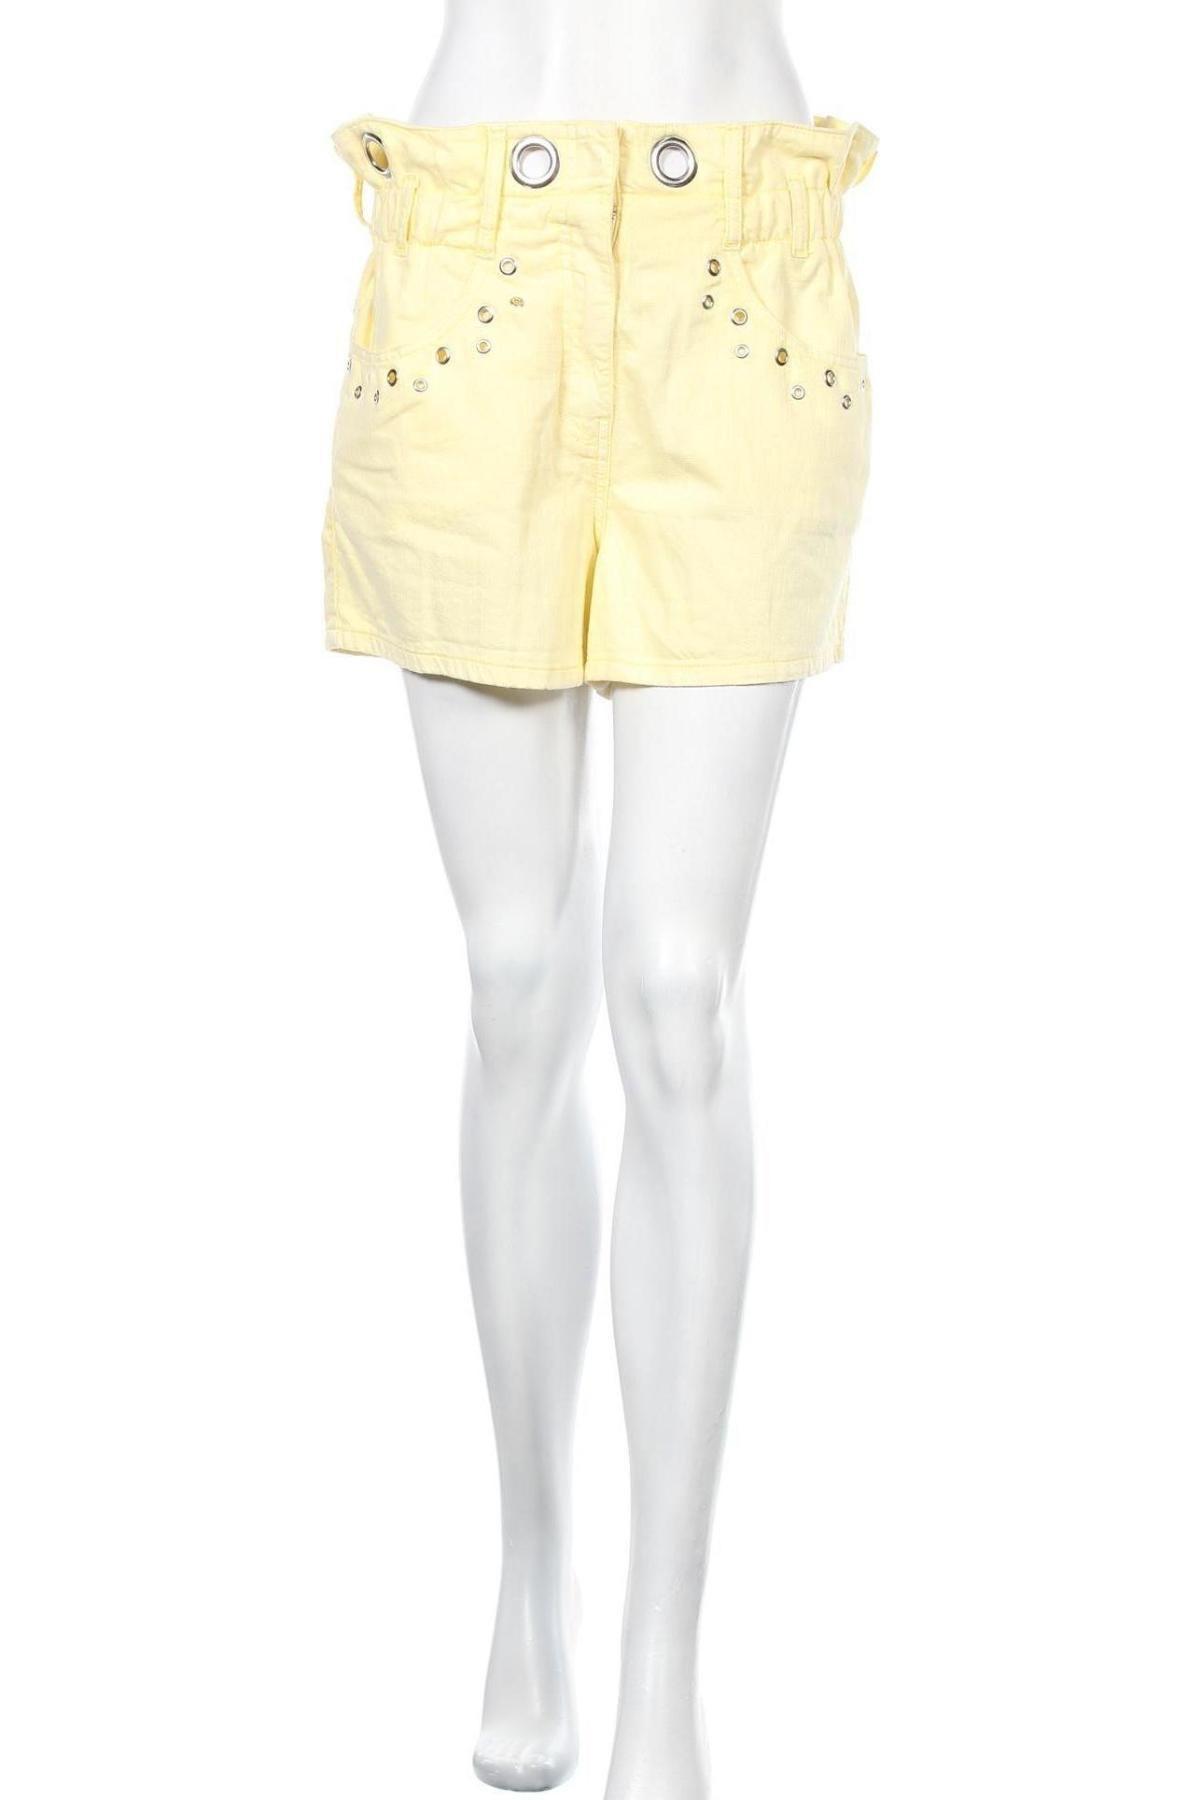 Γυναικείο κοντό παντελόνι Elsa, Μέγεθος S, Χρώμα Κίτρινο, Βαμβάκι, Τιμή 10,05€